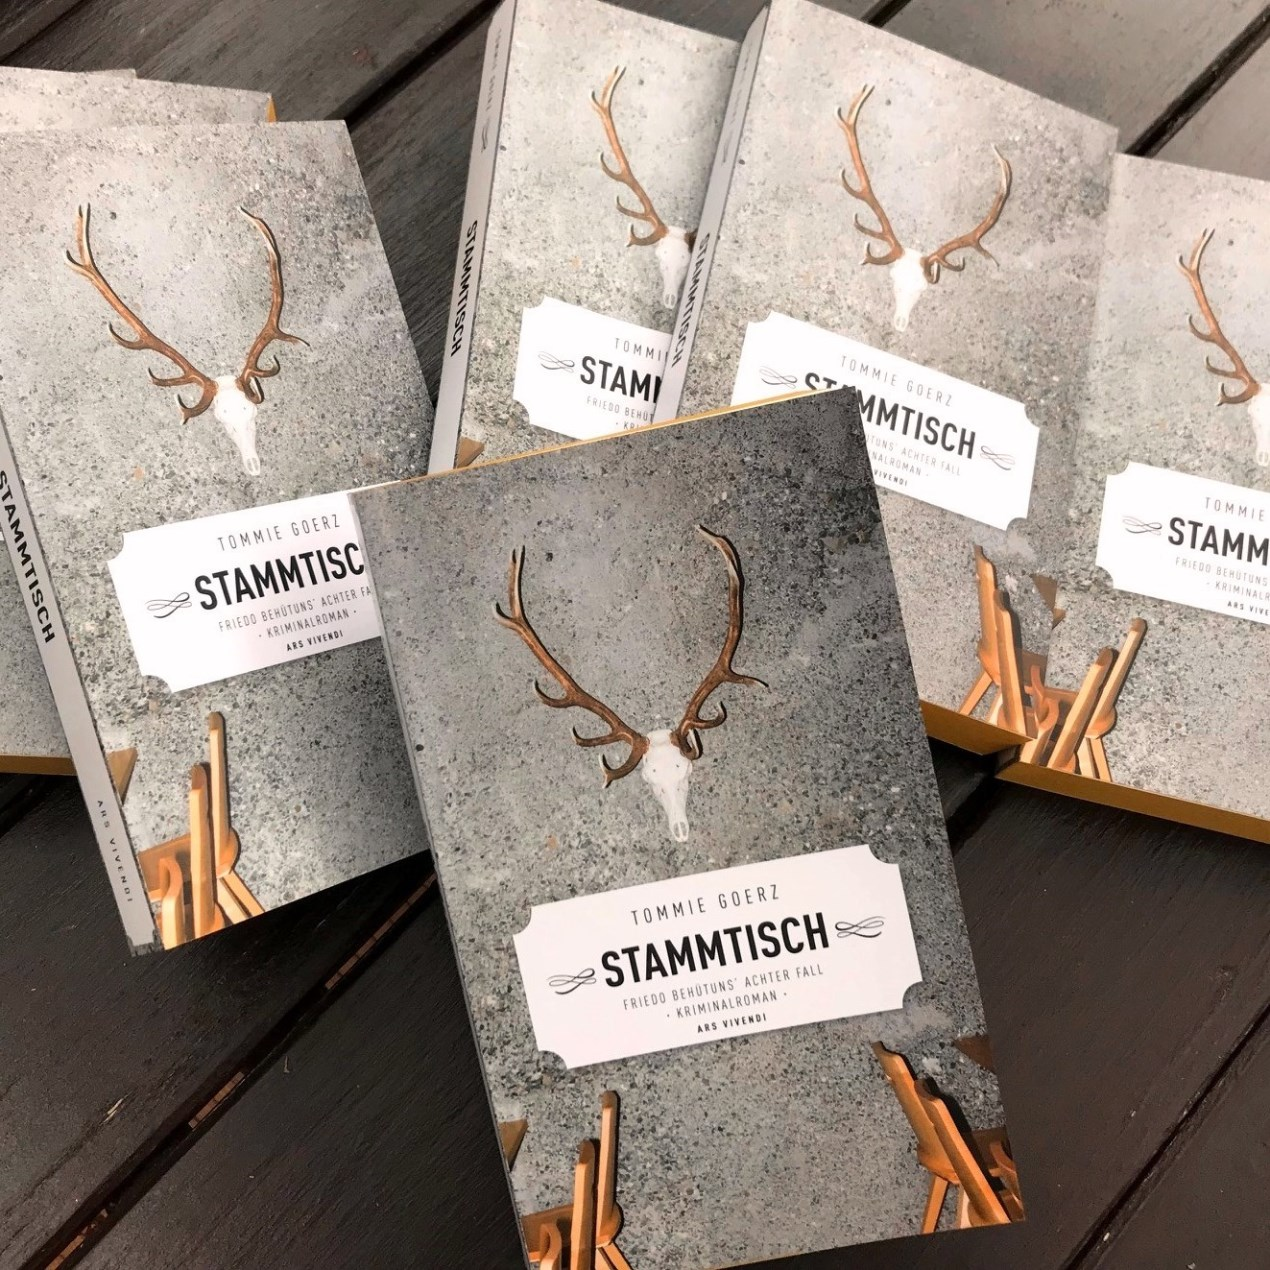 """(Jocki_Foto, Erlangen): Tommie Goerz' neuer Frankenkrimi """"Stammtisch"""" jetzt im Buchhandel"""